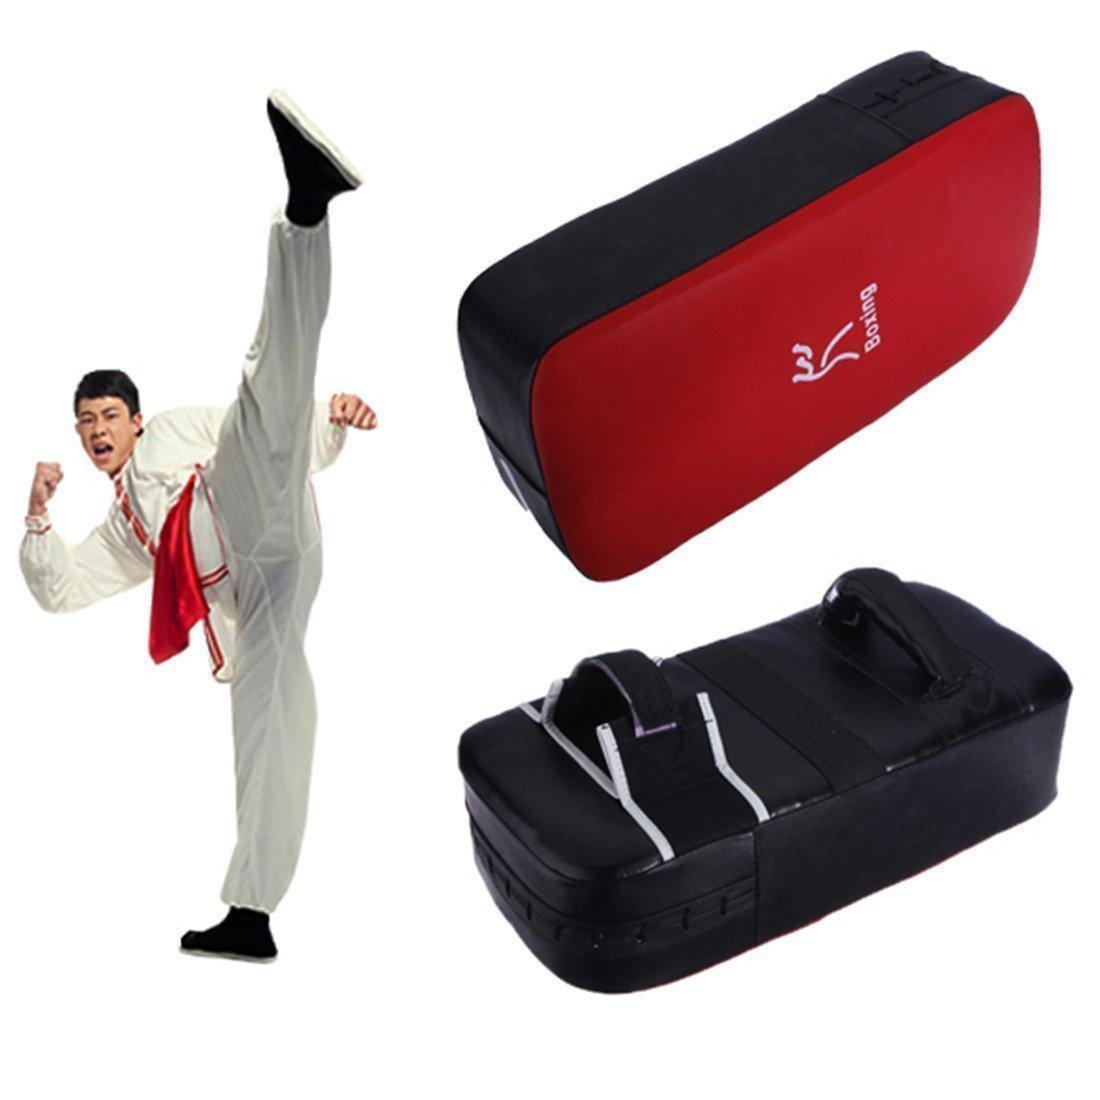 Aeromdale One Karate Taekwondo - Bloc de boxeo